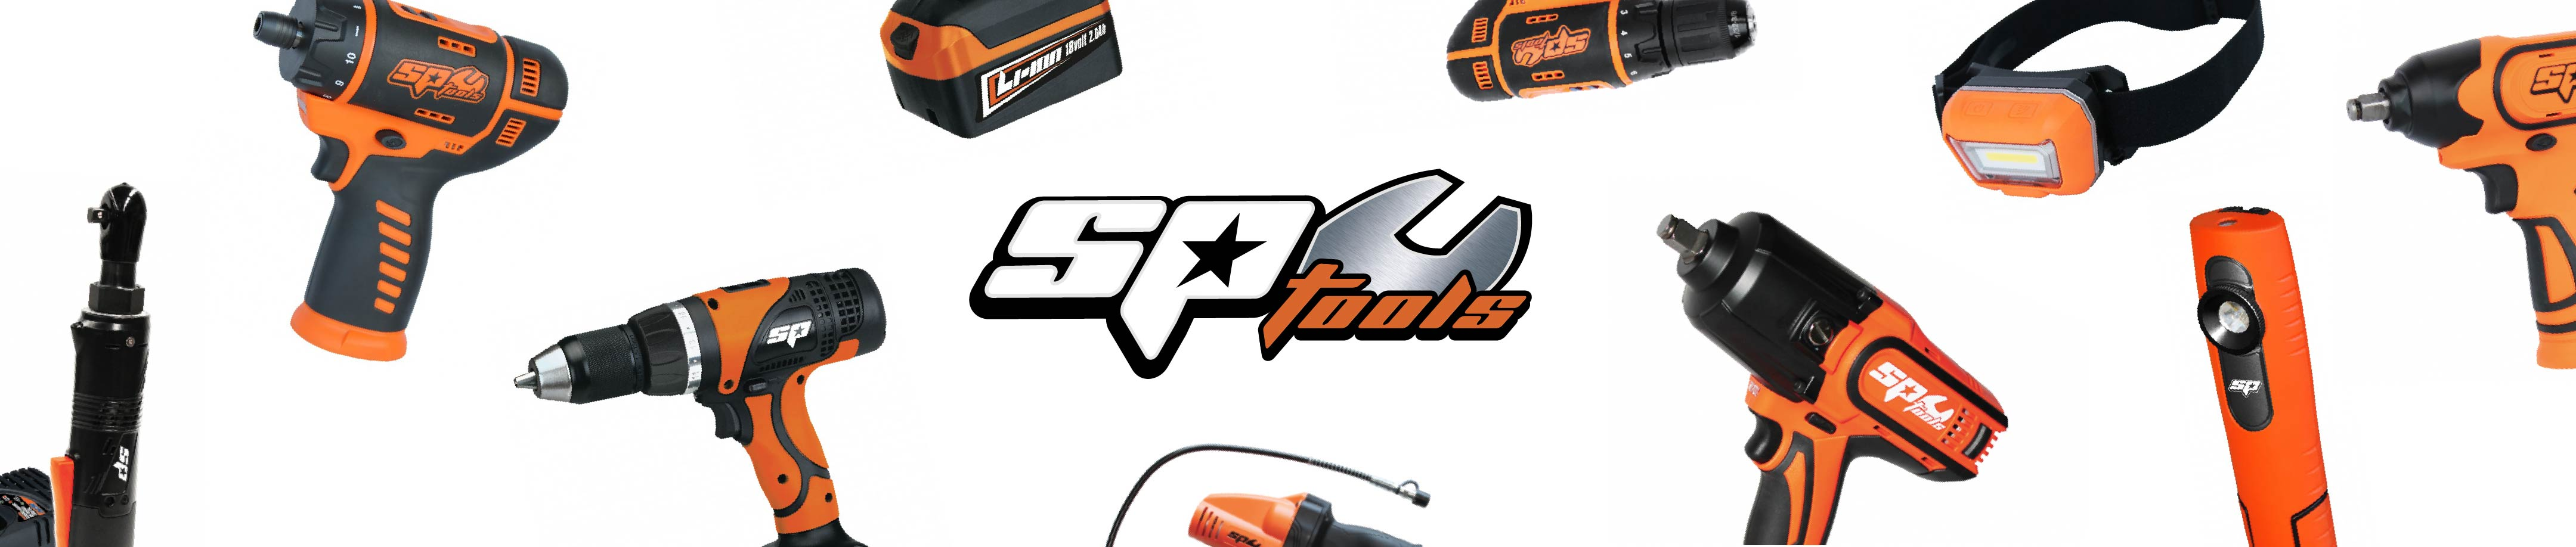 SP Tools accu gereedschap